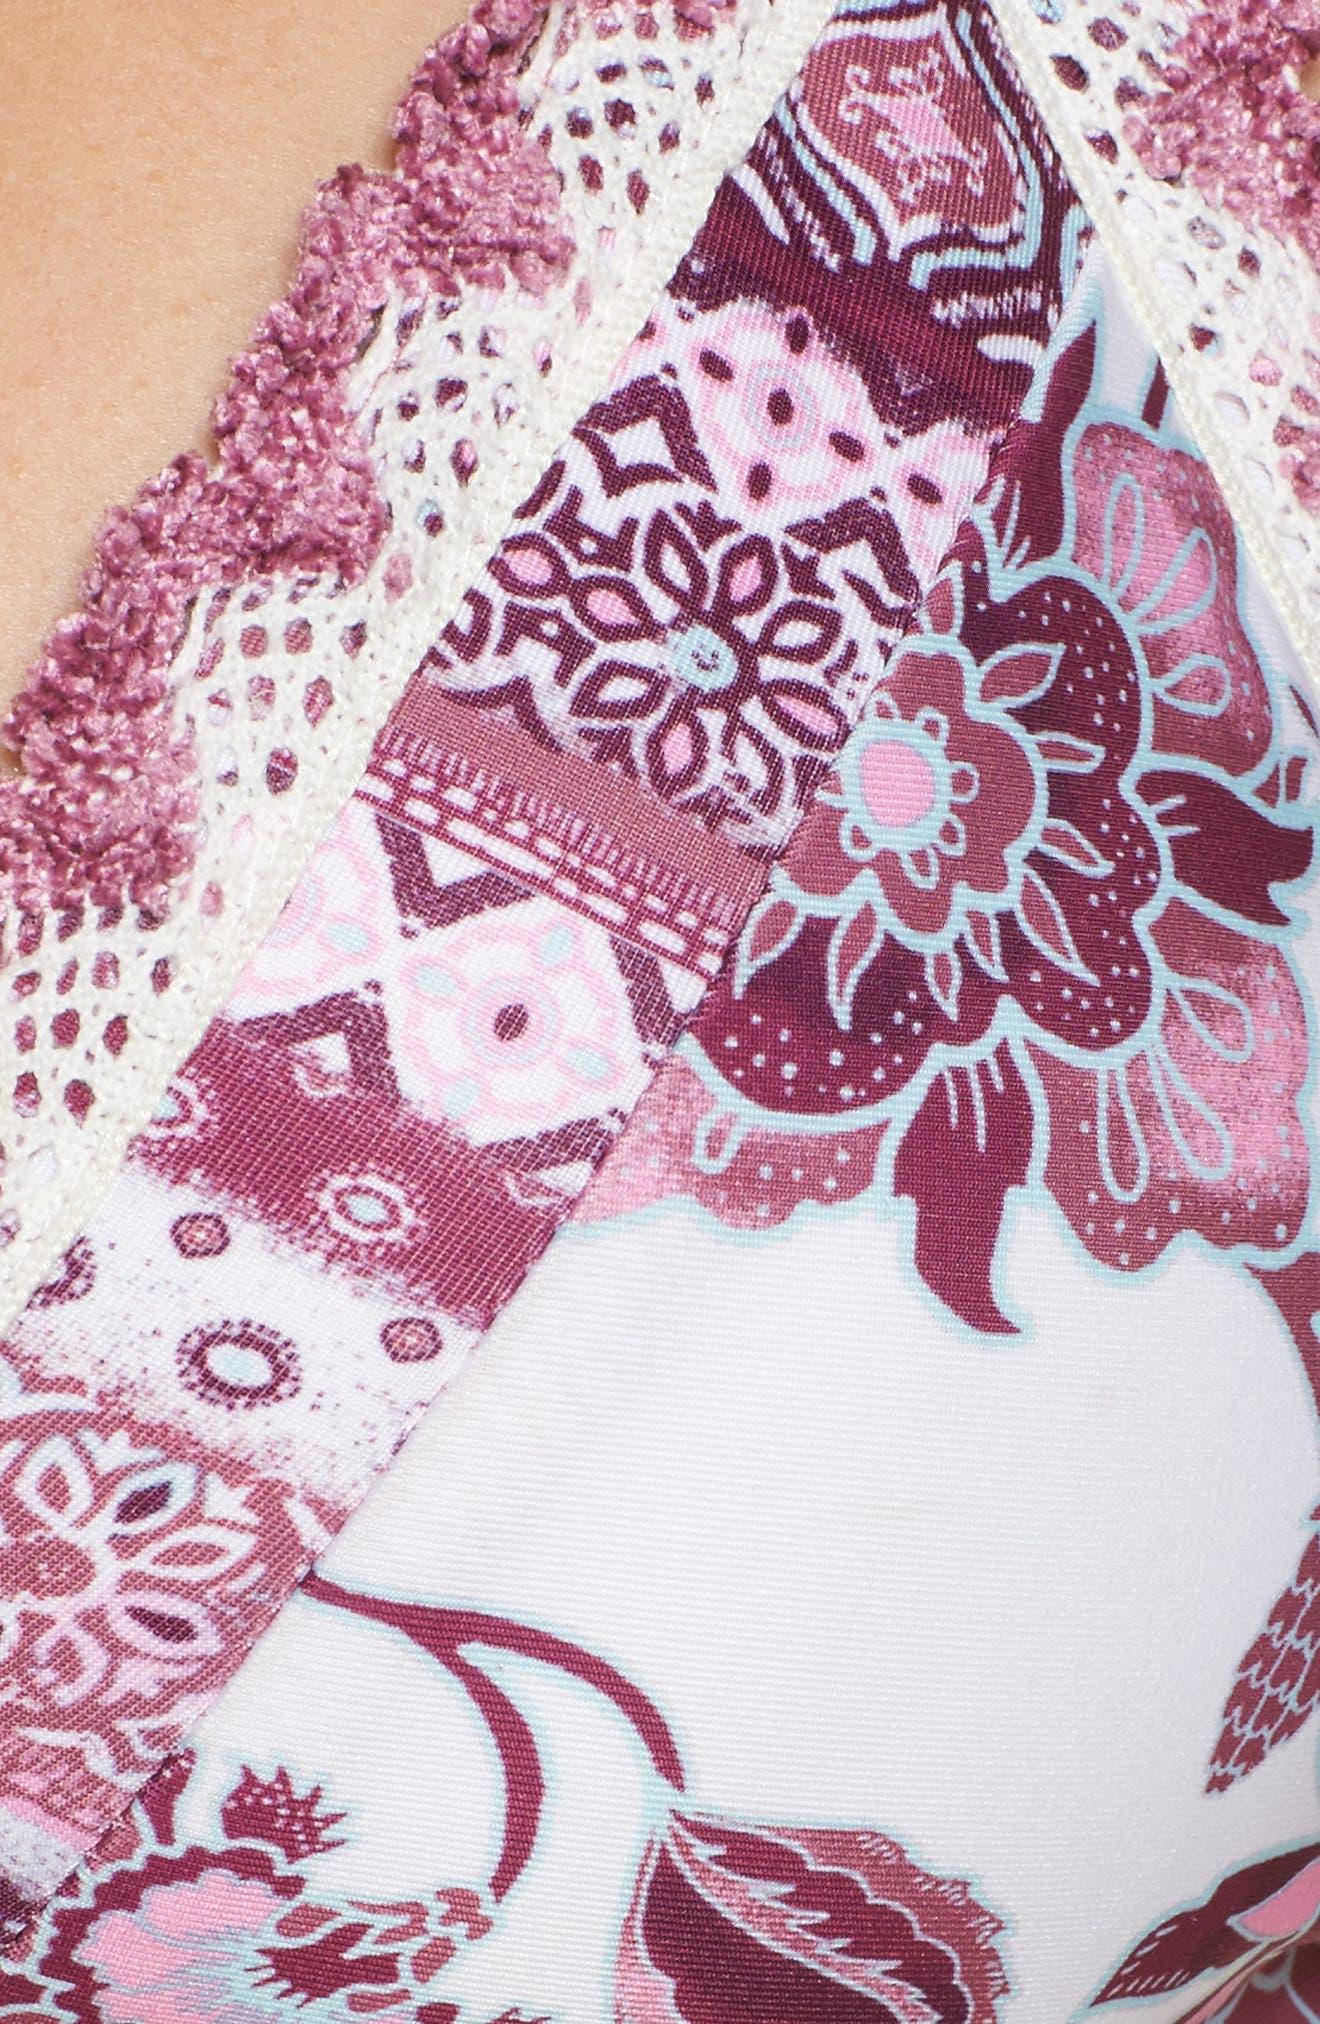 Tahiti Halter Bikini Top,                             Alternate thumbnail 8, color,                             White/ Pink Multi